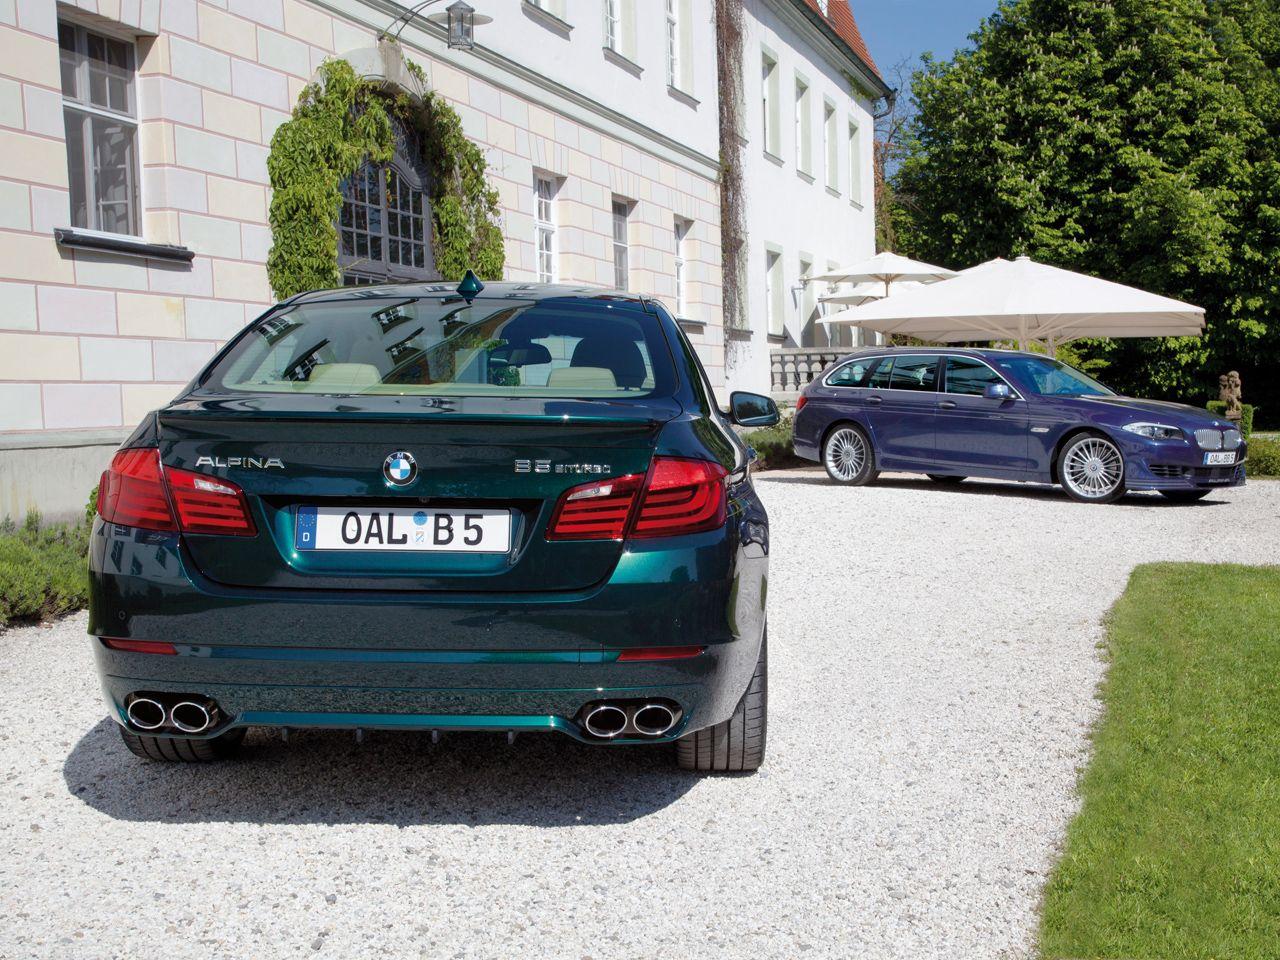 Bmw Alpina B5 Bmw Bmw Alpina Alpina